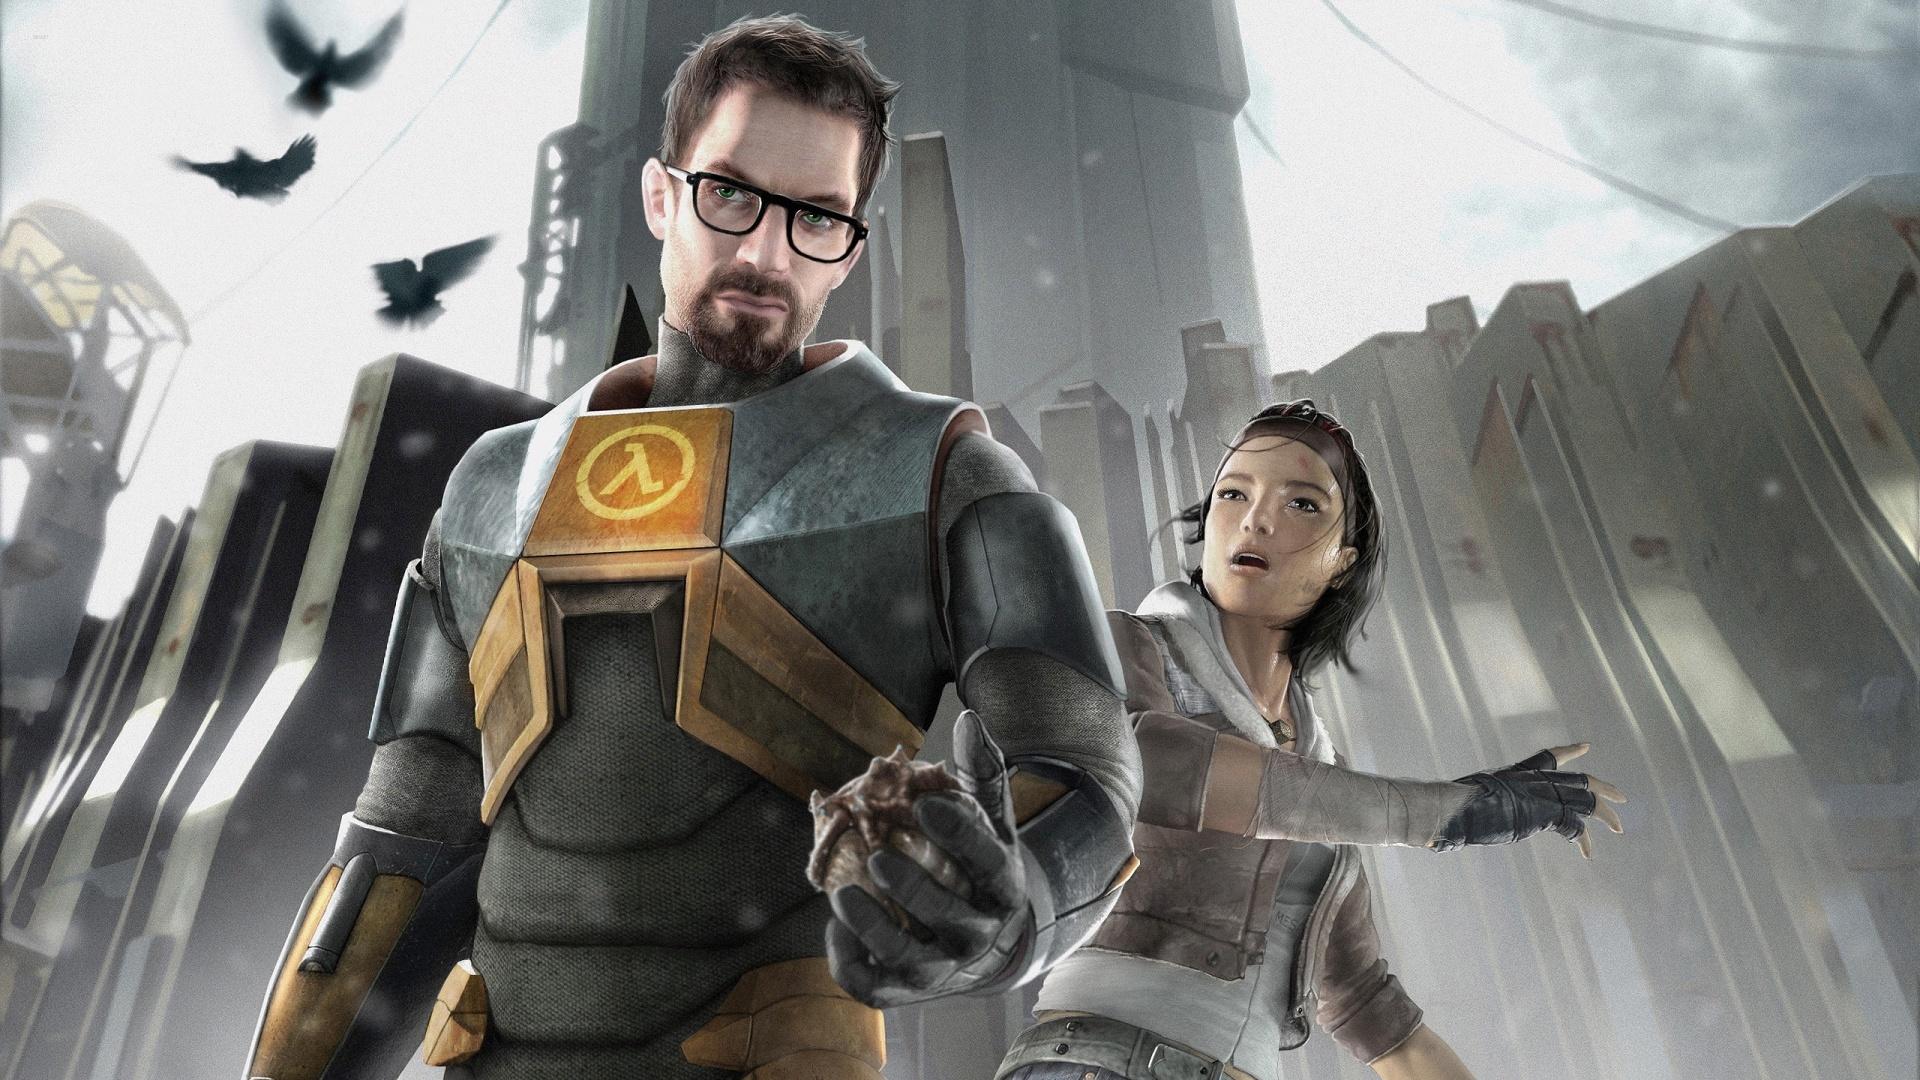 Valve выпустила саундтрек Half-Life в стриминговых сервисах